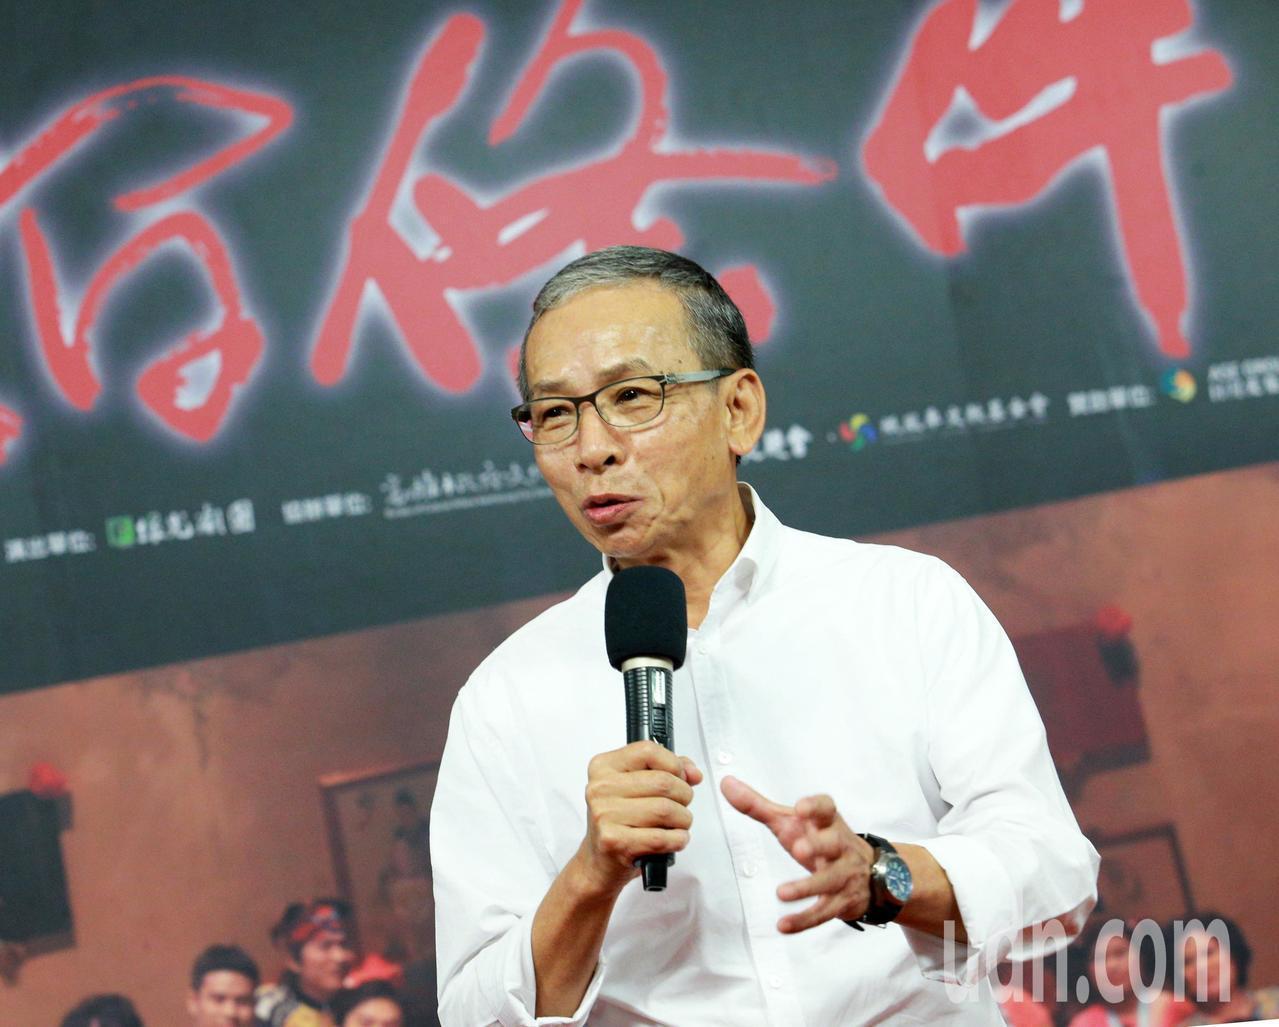 綠光劇團吳念真宣布「人間條件 I」12/9高雄免費演出。記者劉學聖/攝影